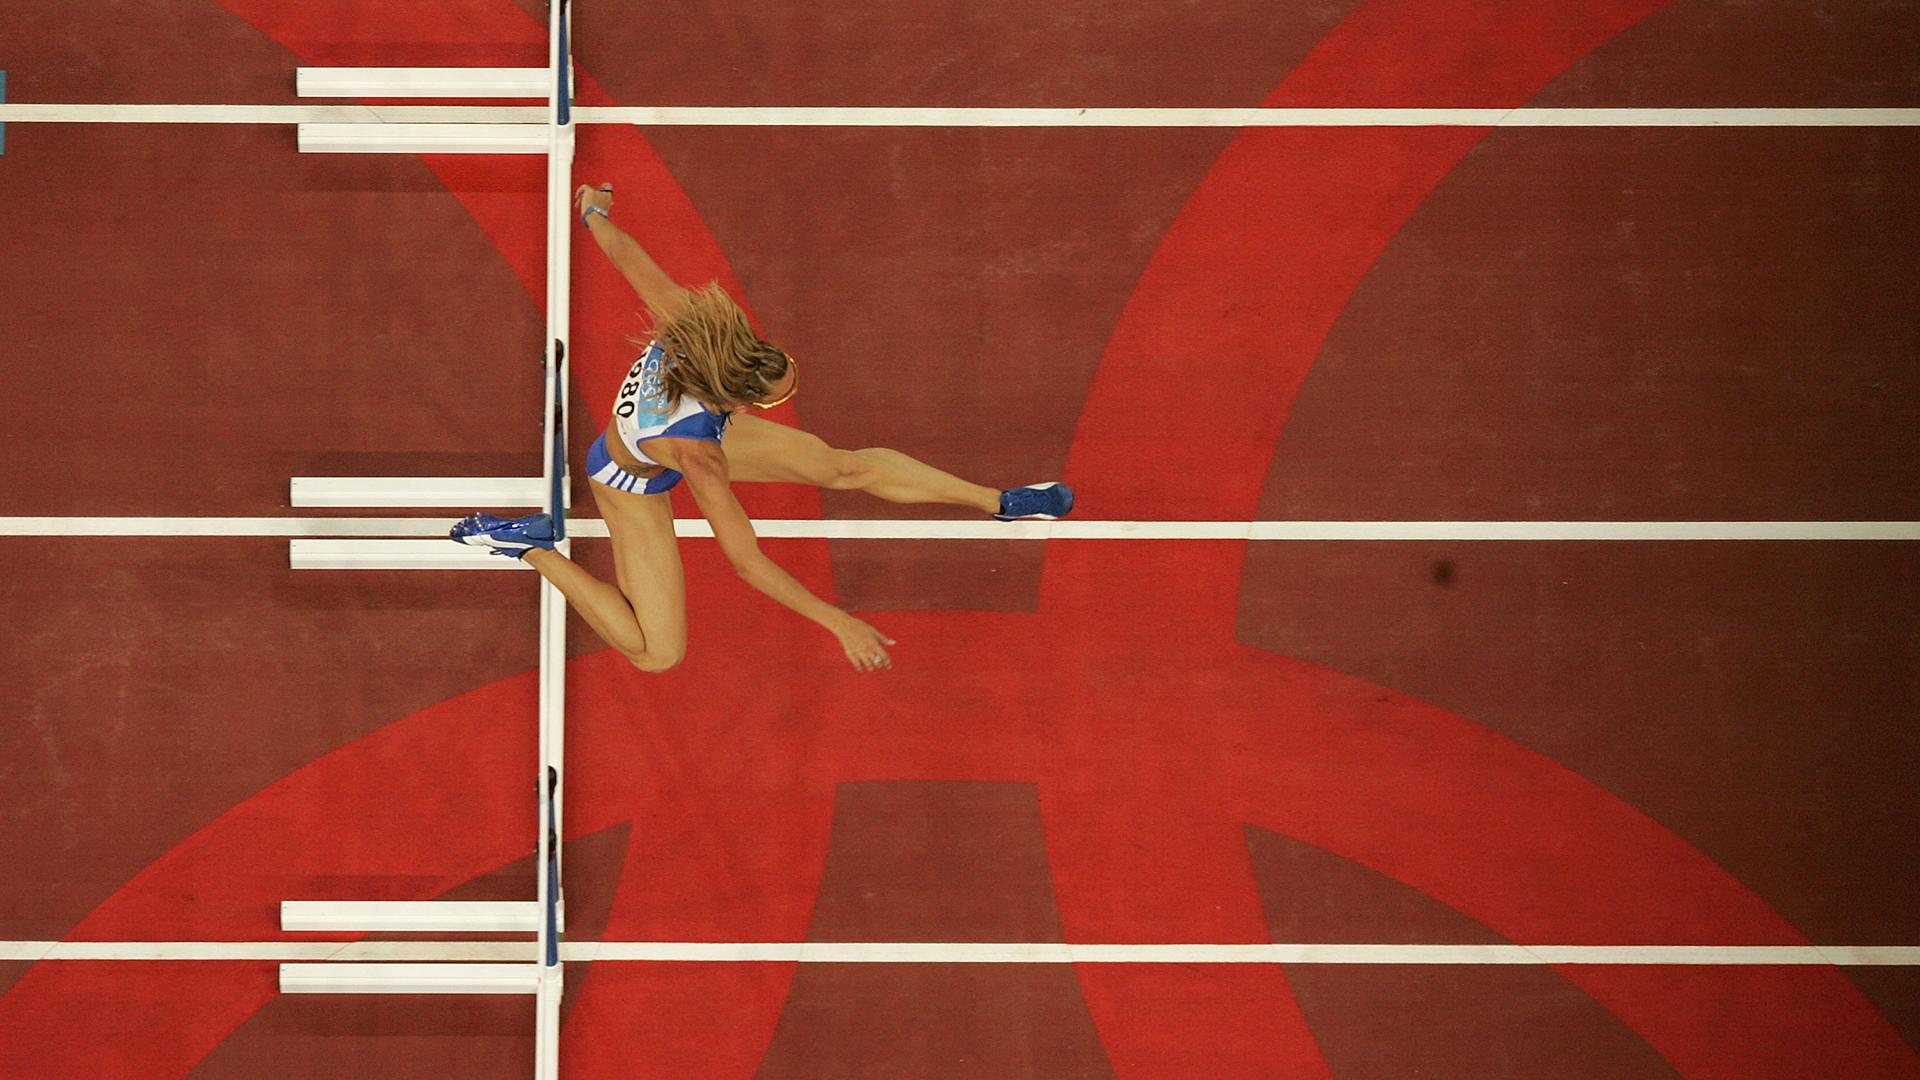 Les sports olympiques au programme de Paris 2024 - Paris 2024